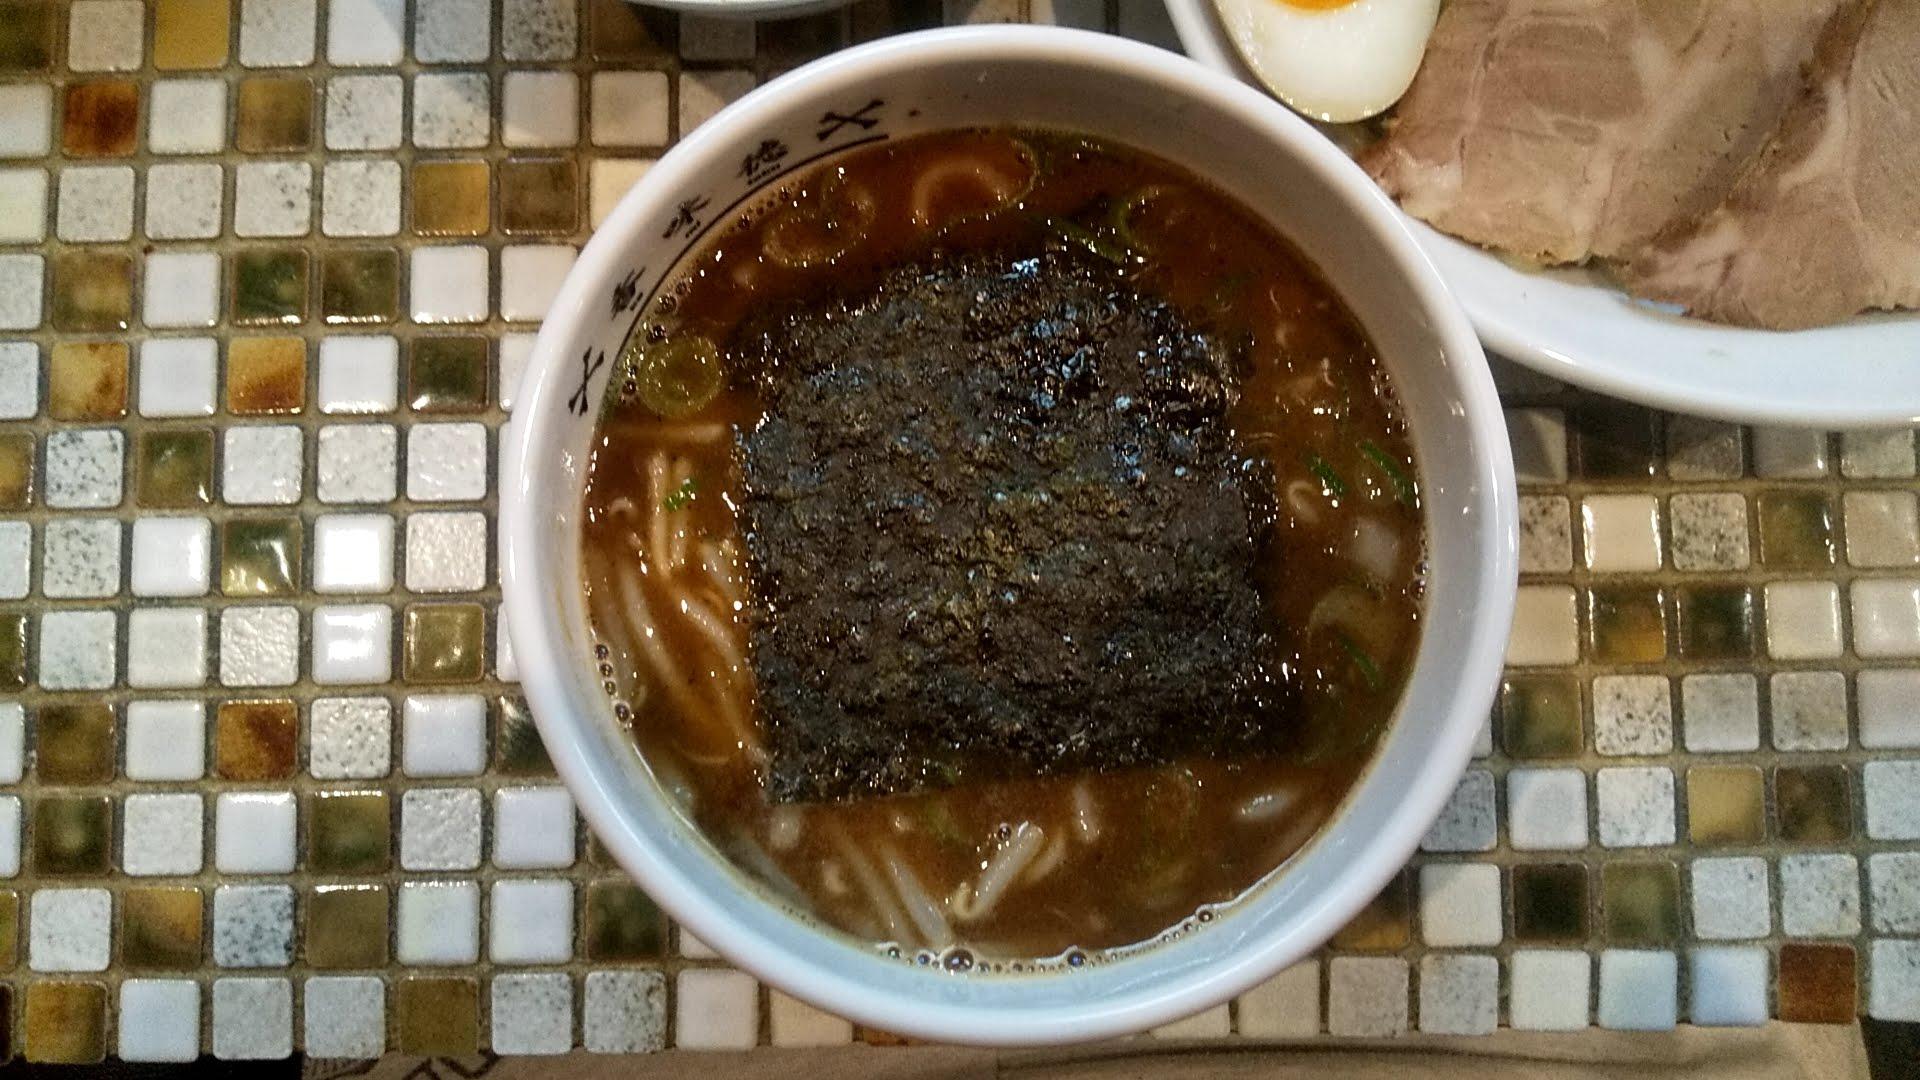 香味徳の特製つけ麺のつけ汁の写真